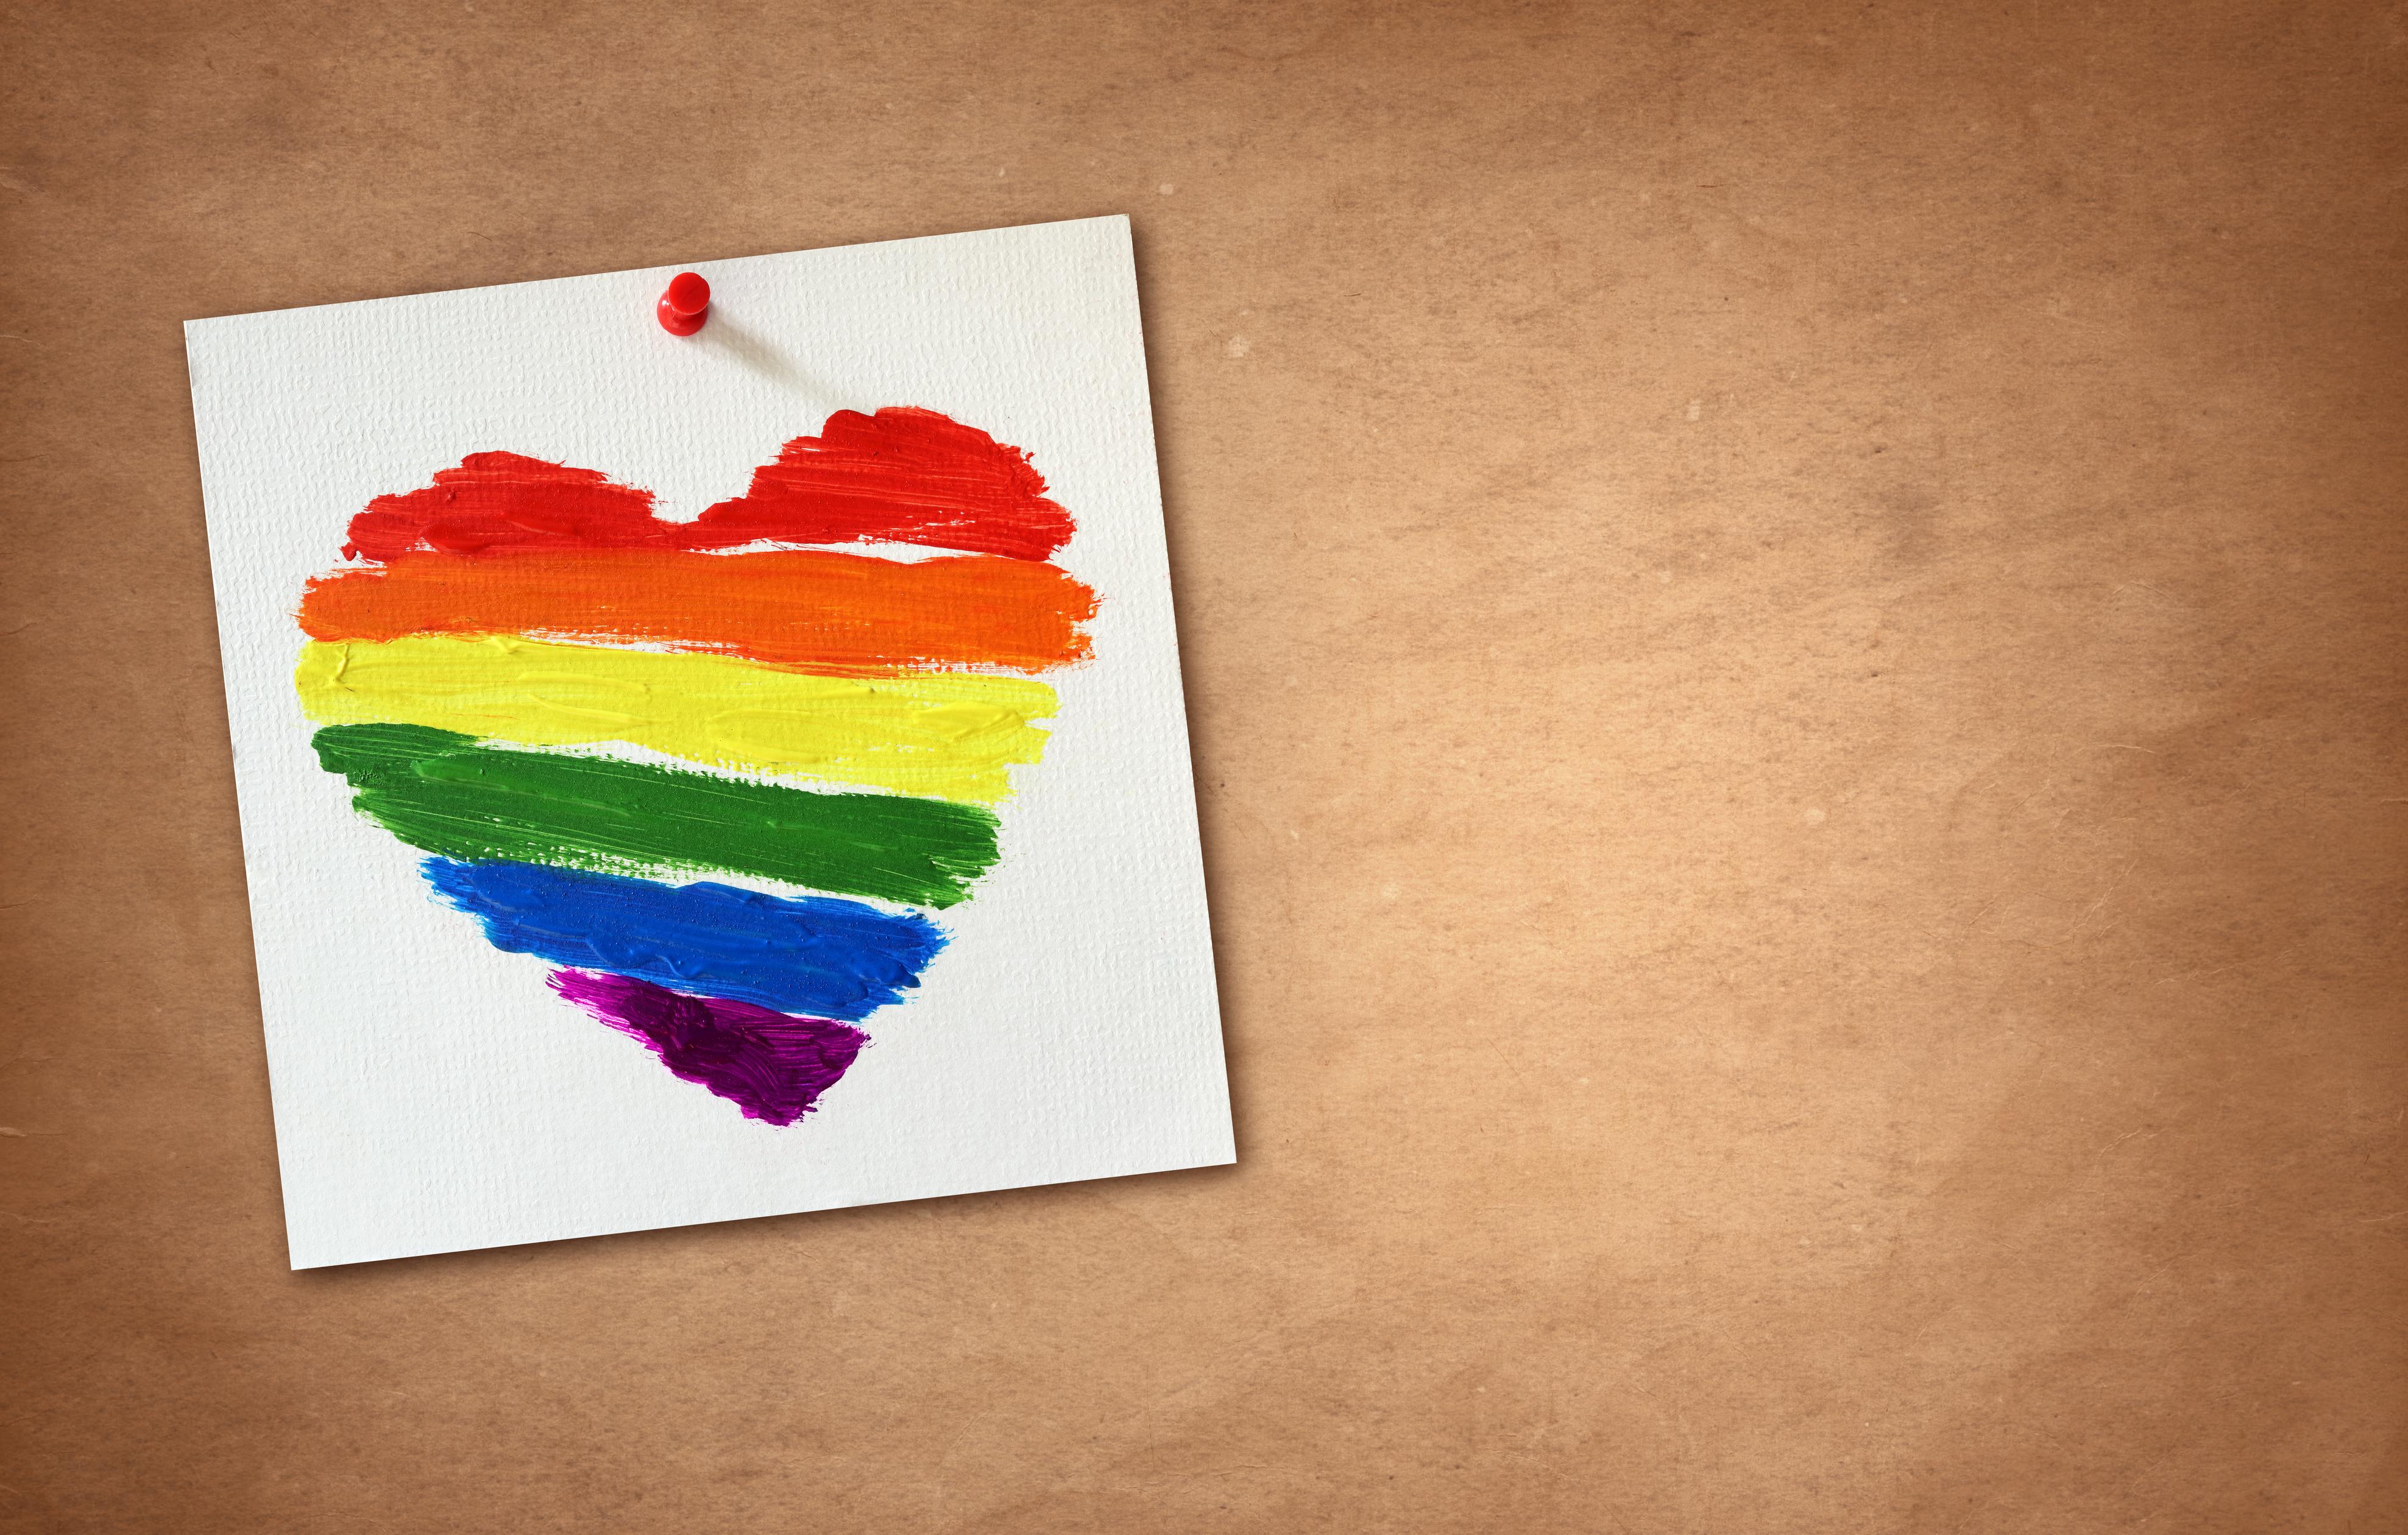 LGBTQ friendly workplace